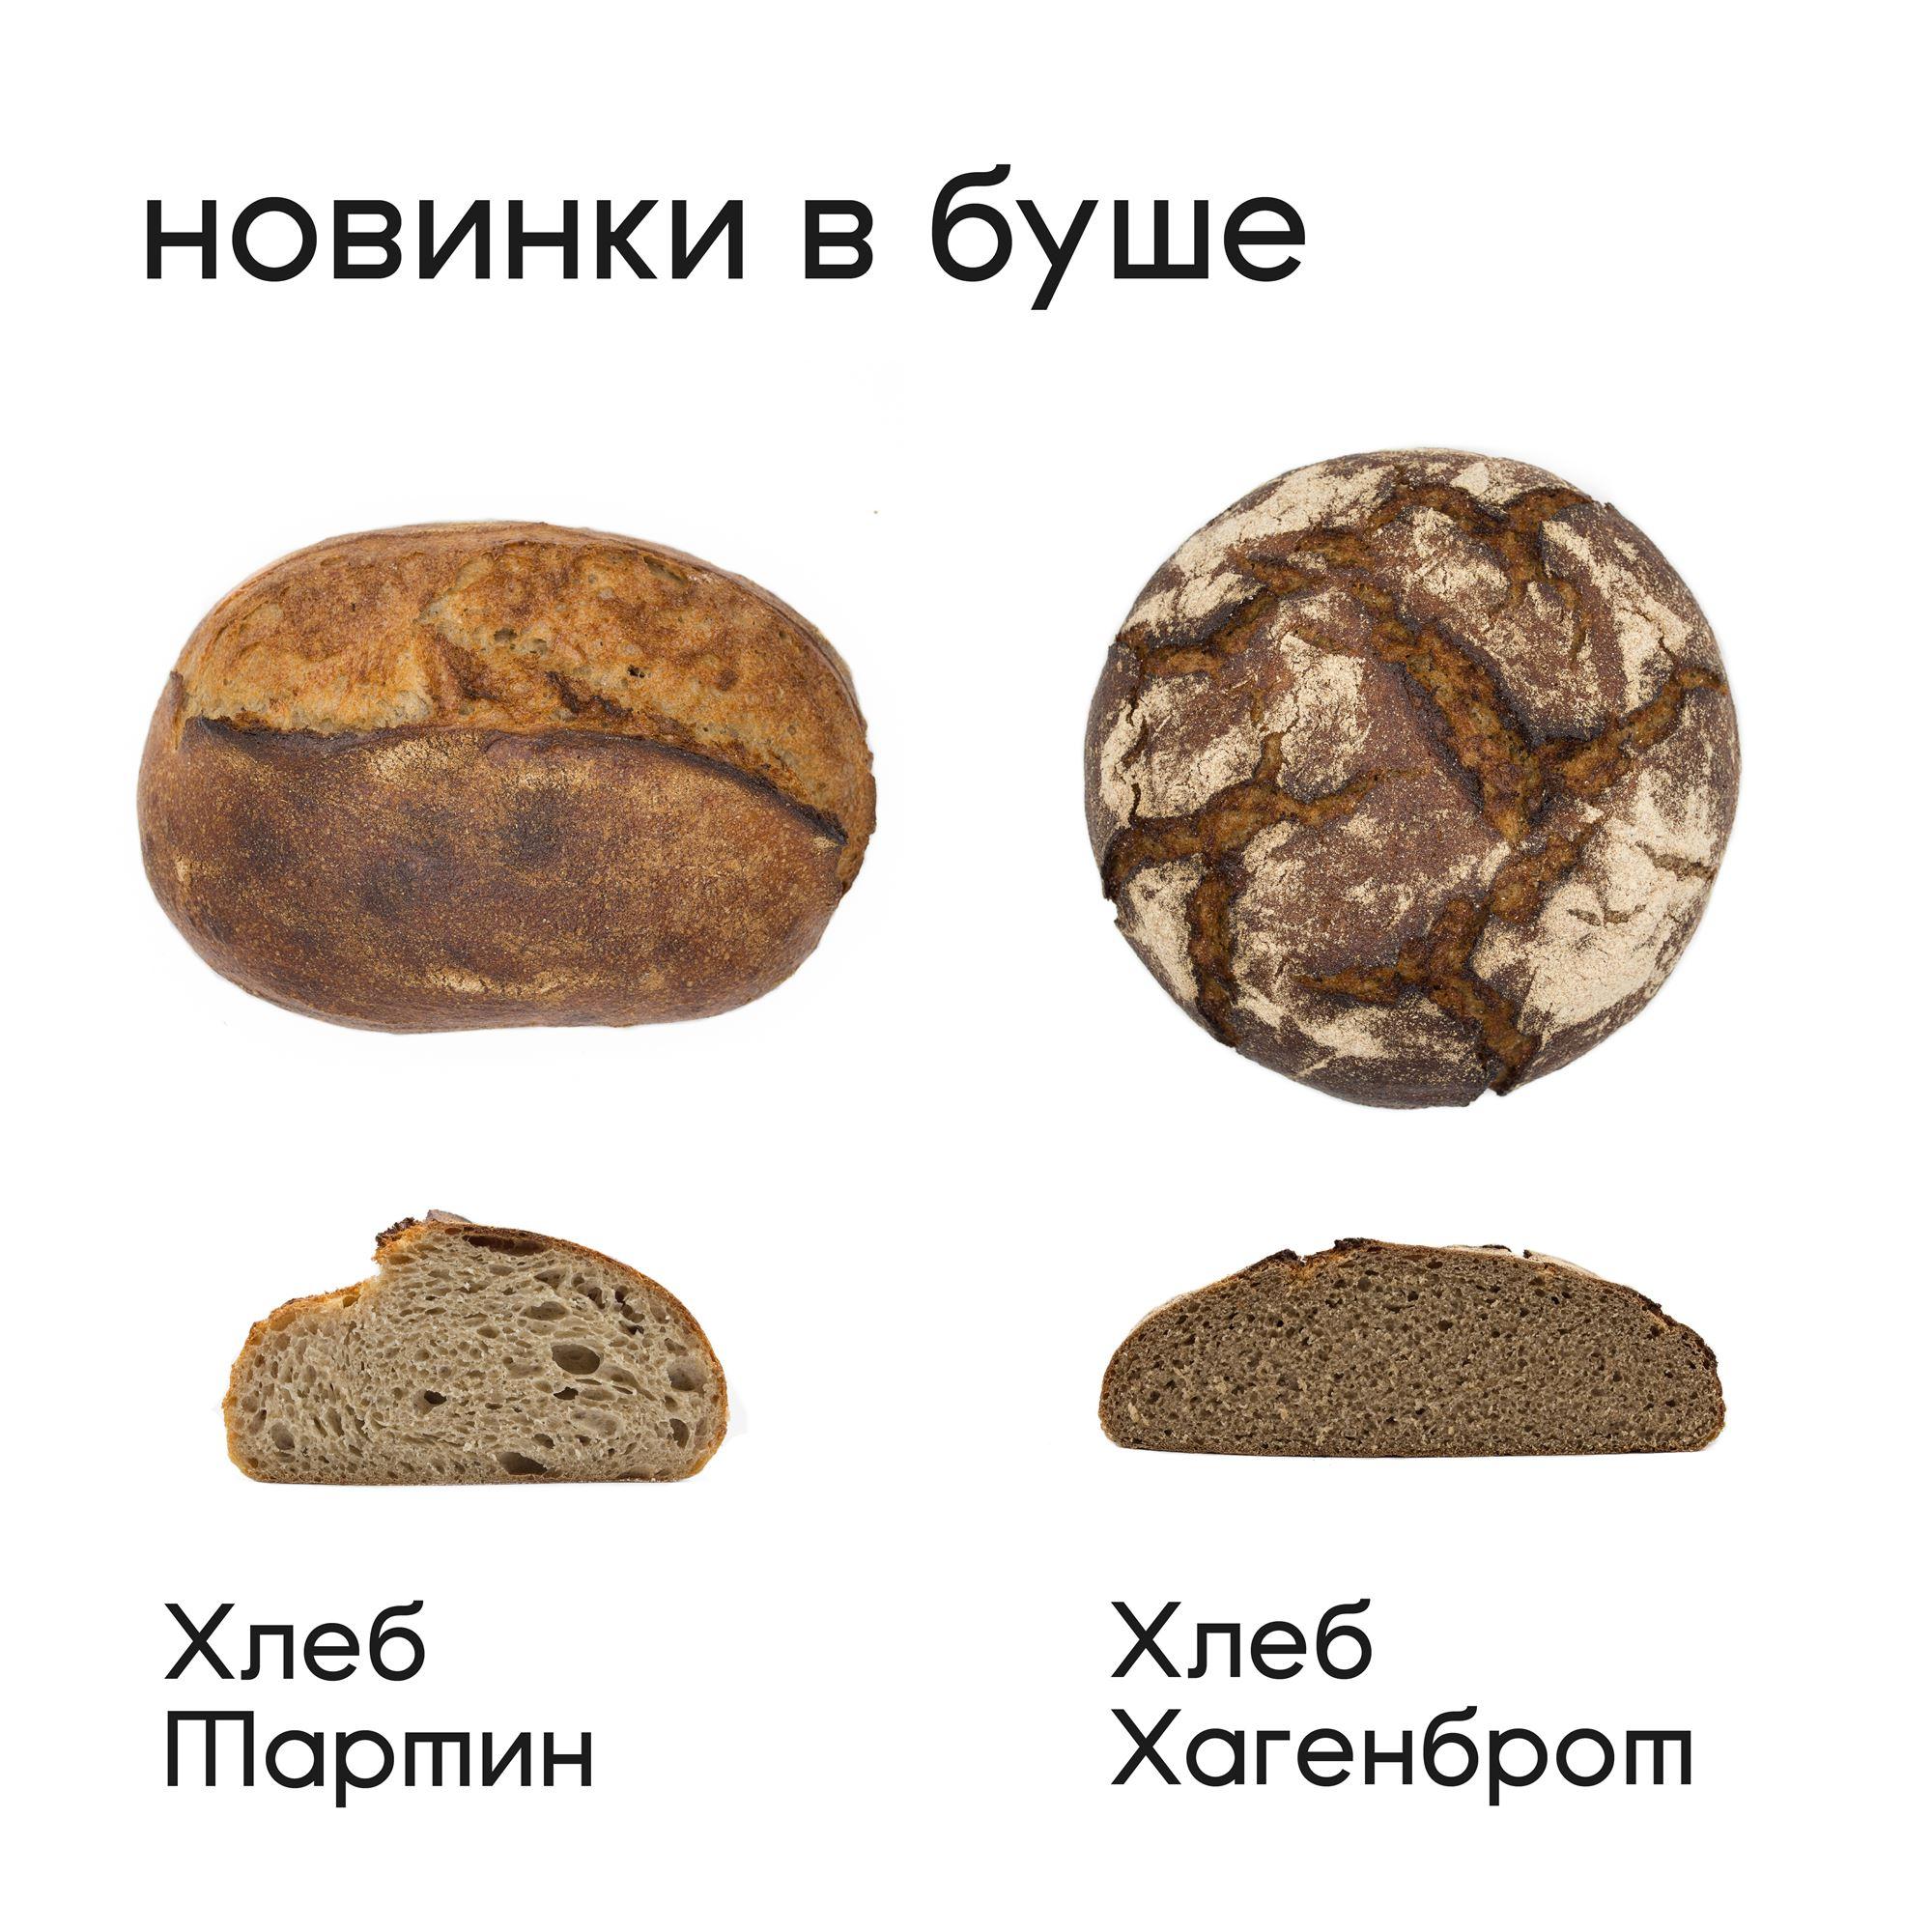 Новинки – Хлеб Тартин и Хлеб Хагенброт